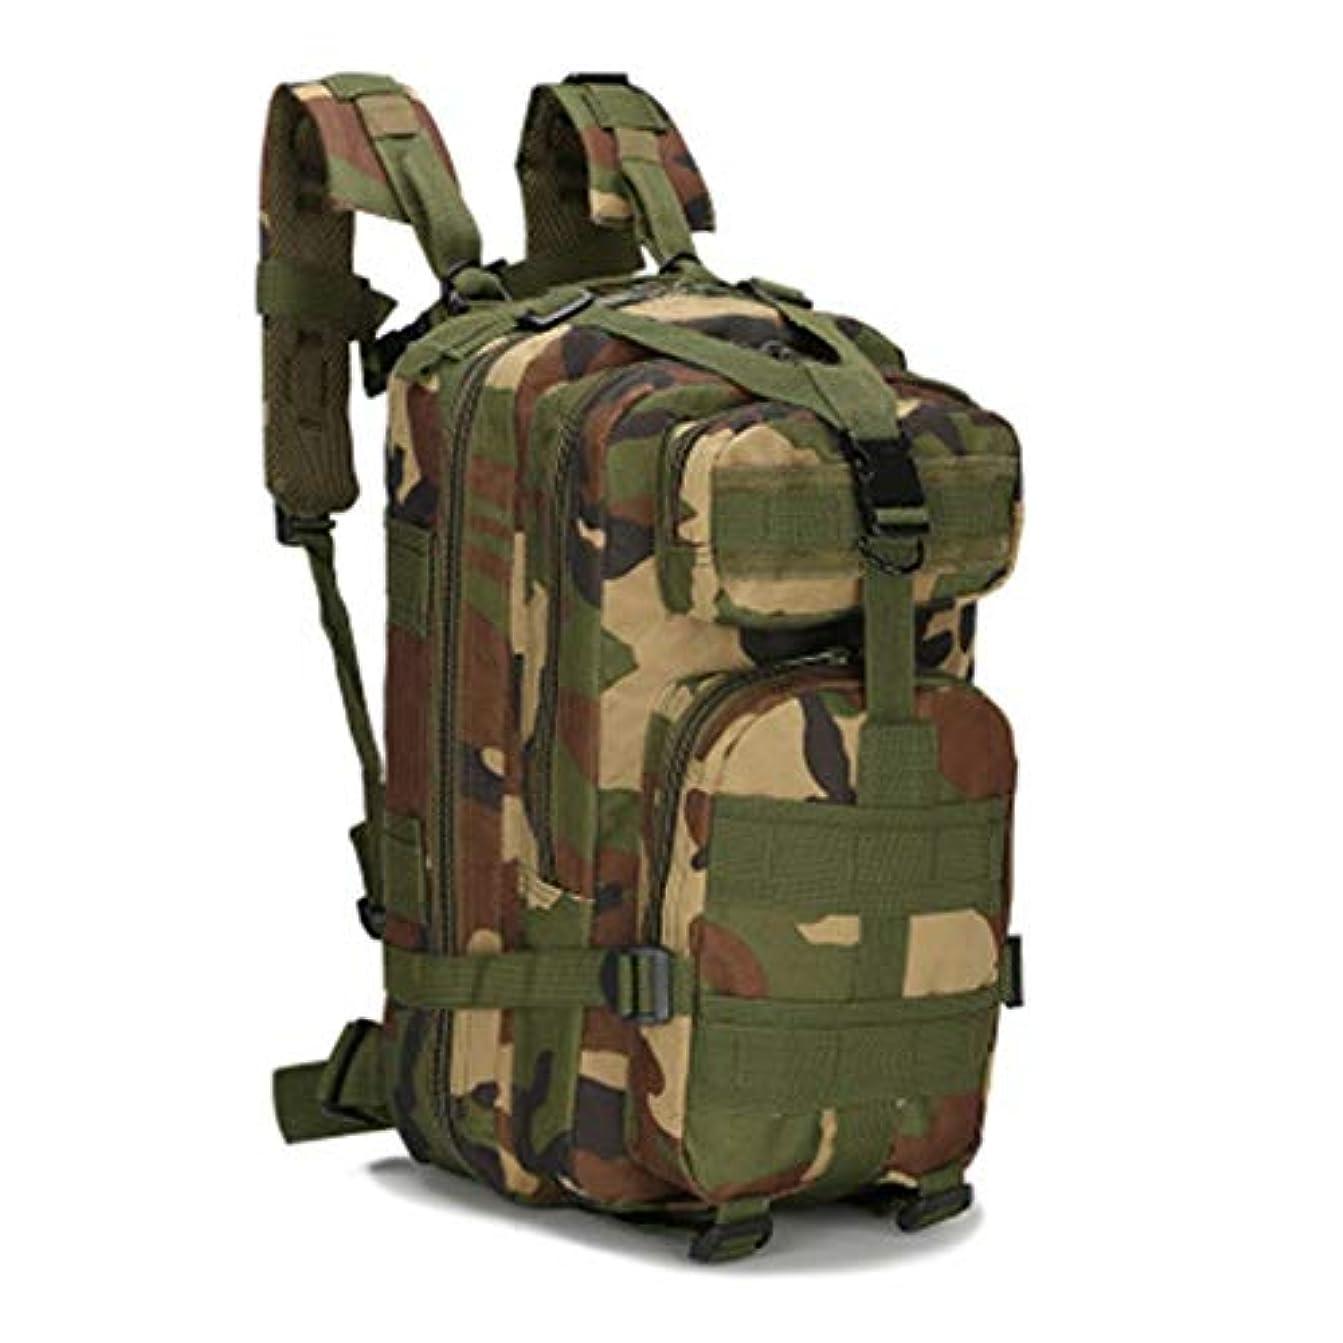 アフリカ人聖人機械的MAIWEI ミリタリータクティカルバックパック 25L ハイキングバッグ アーミーアサルトパック MOLLEバグアウトバッグ 旅行/キャンプ/トレッキング/ハイキング用